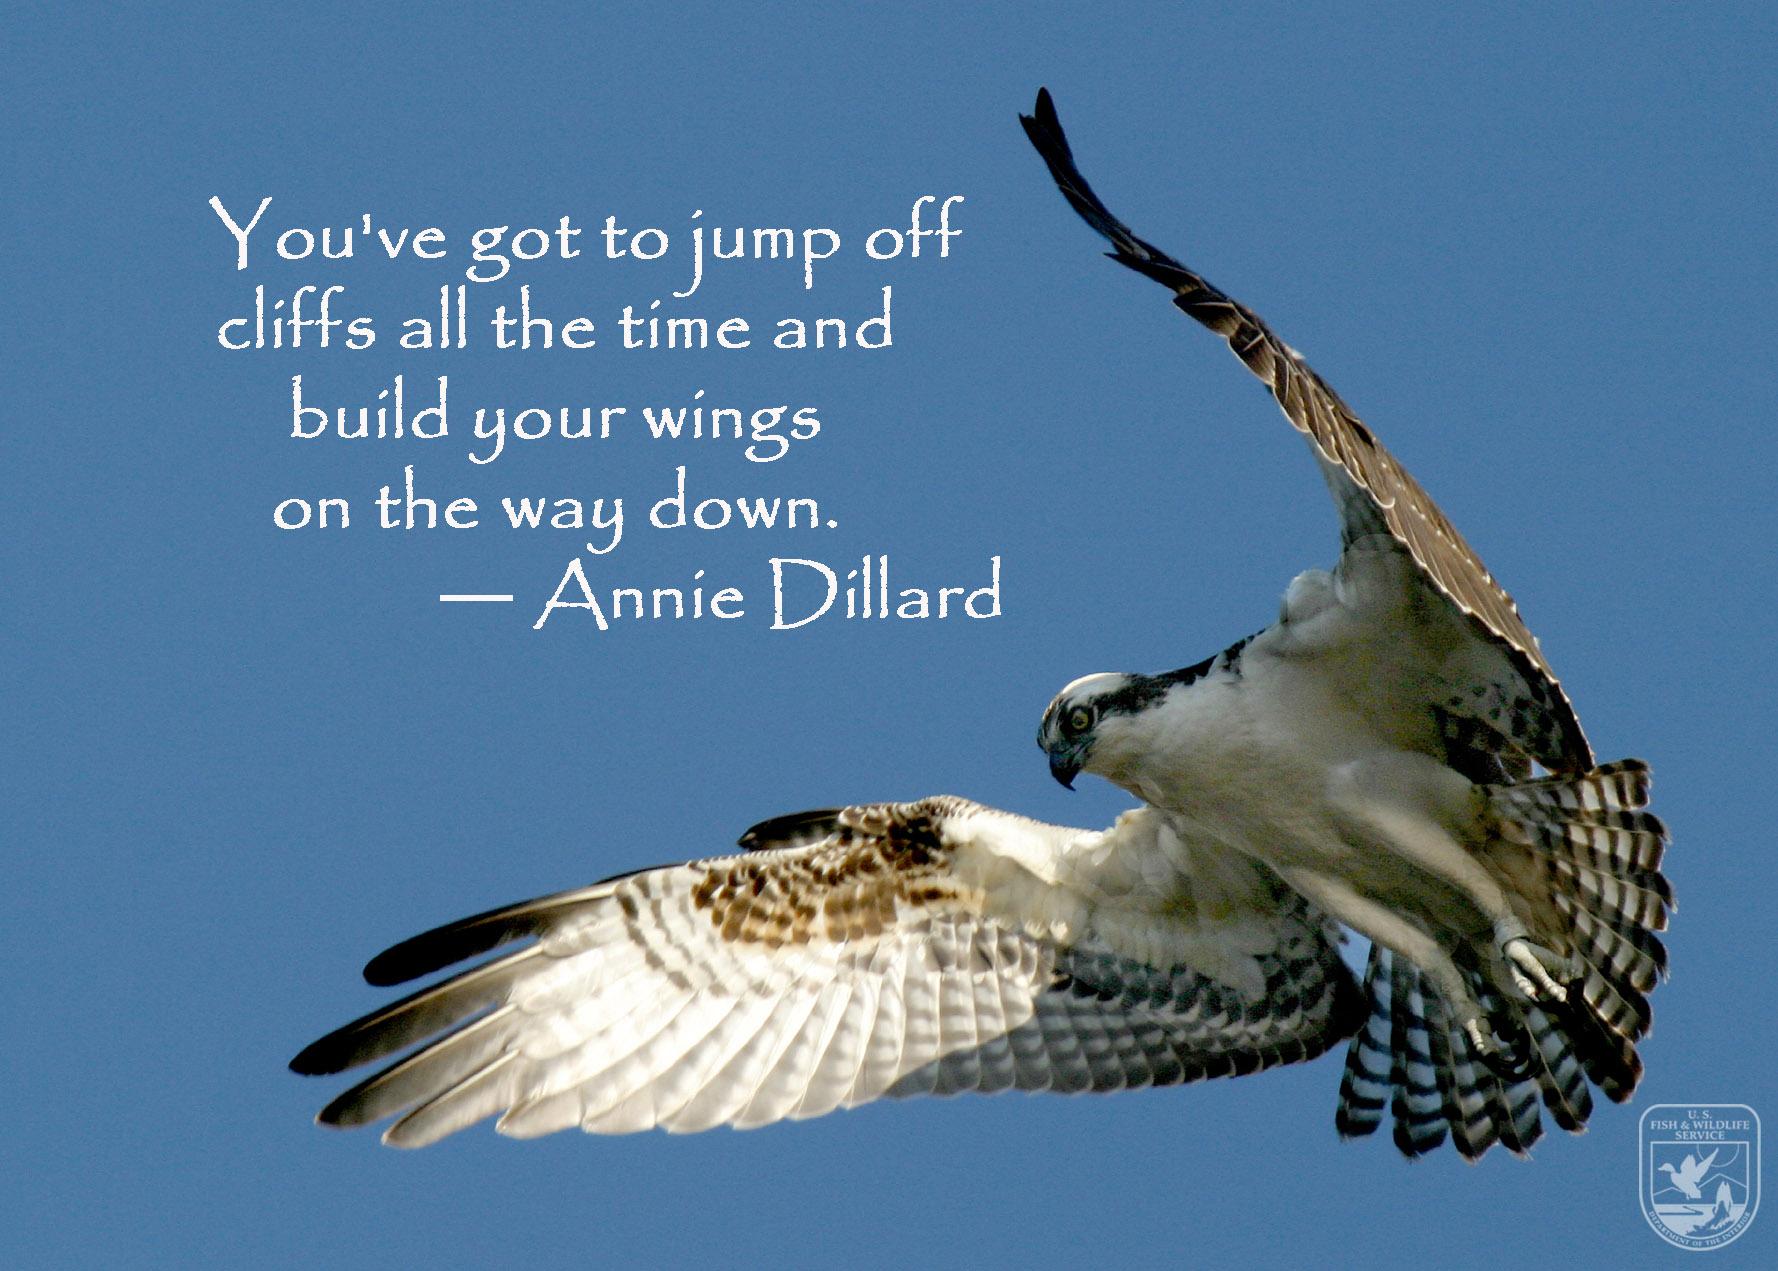 dillard-osprey-edit